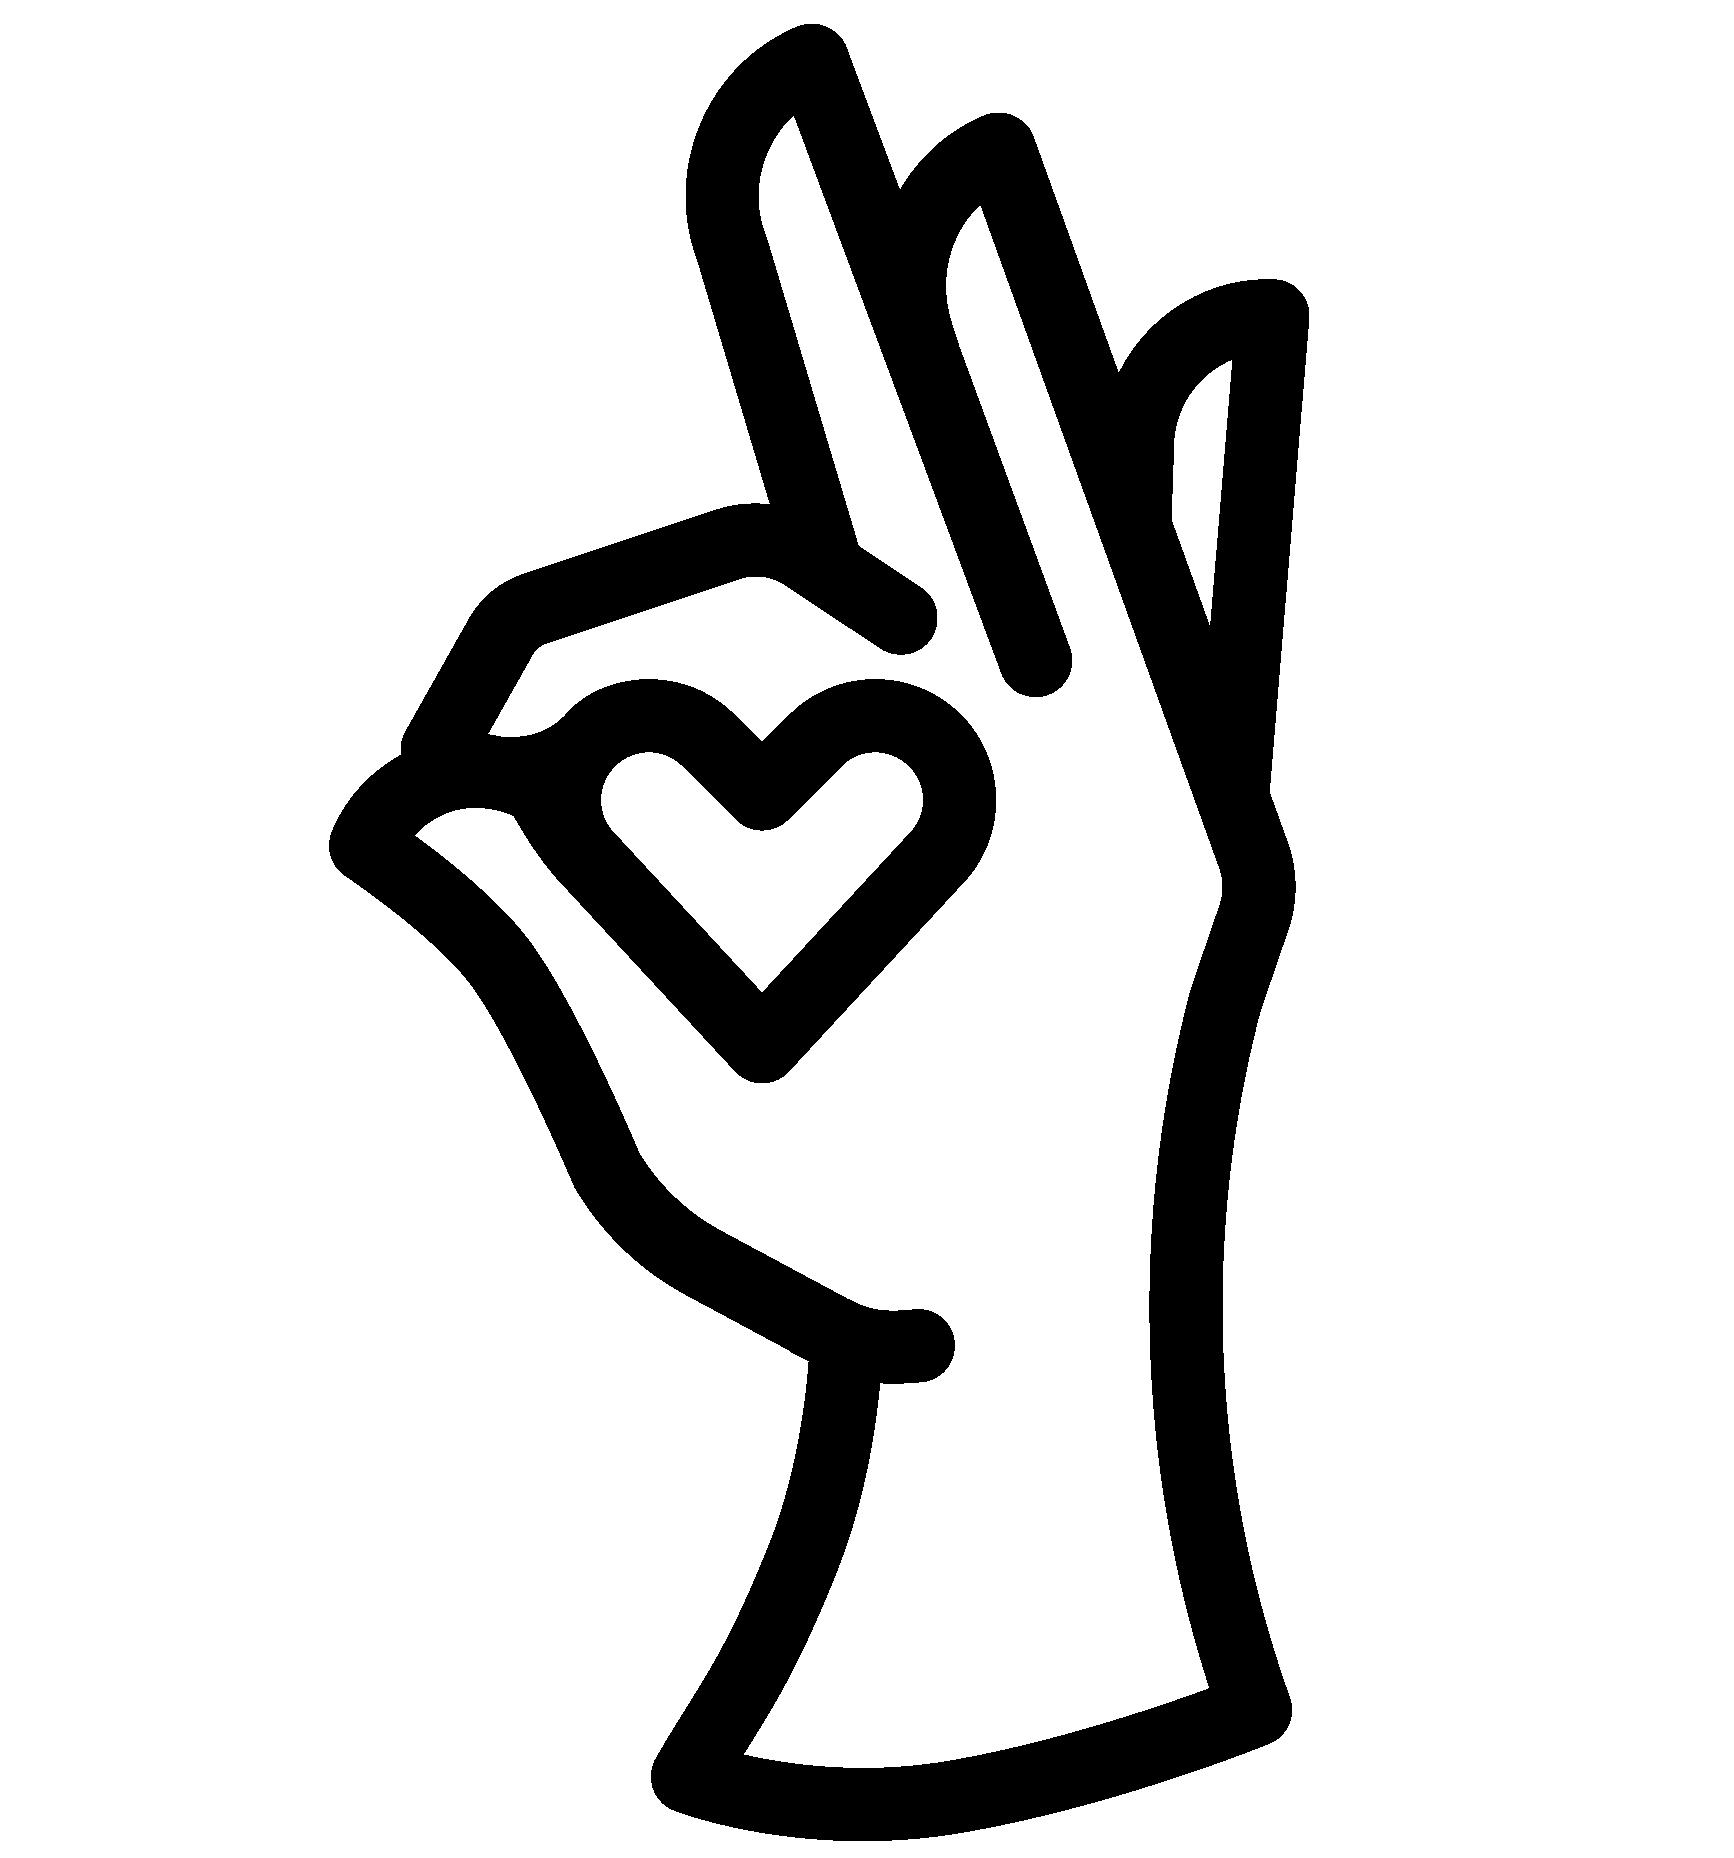 oksh_logo-fav-04.png